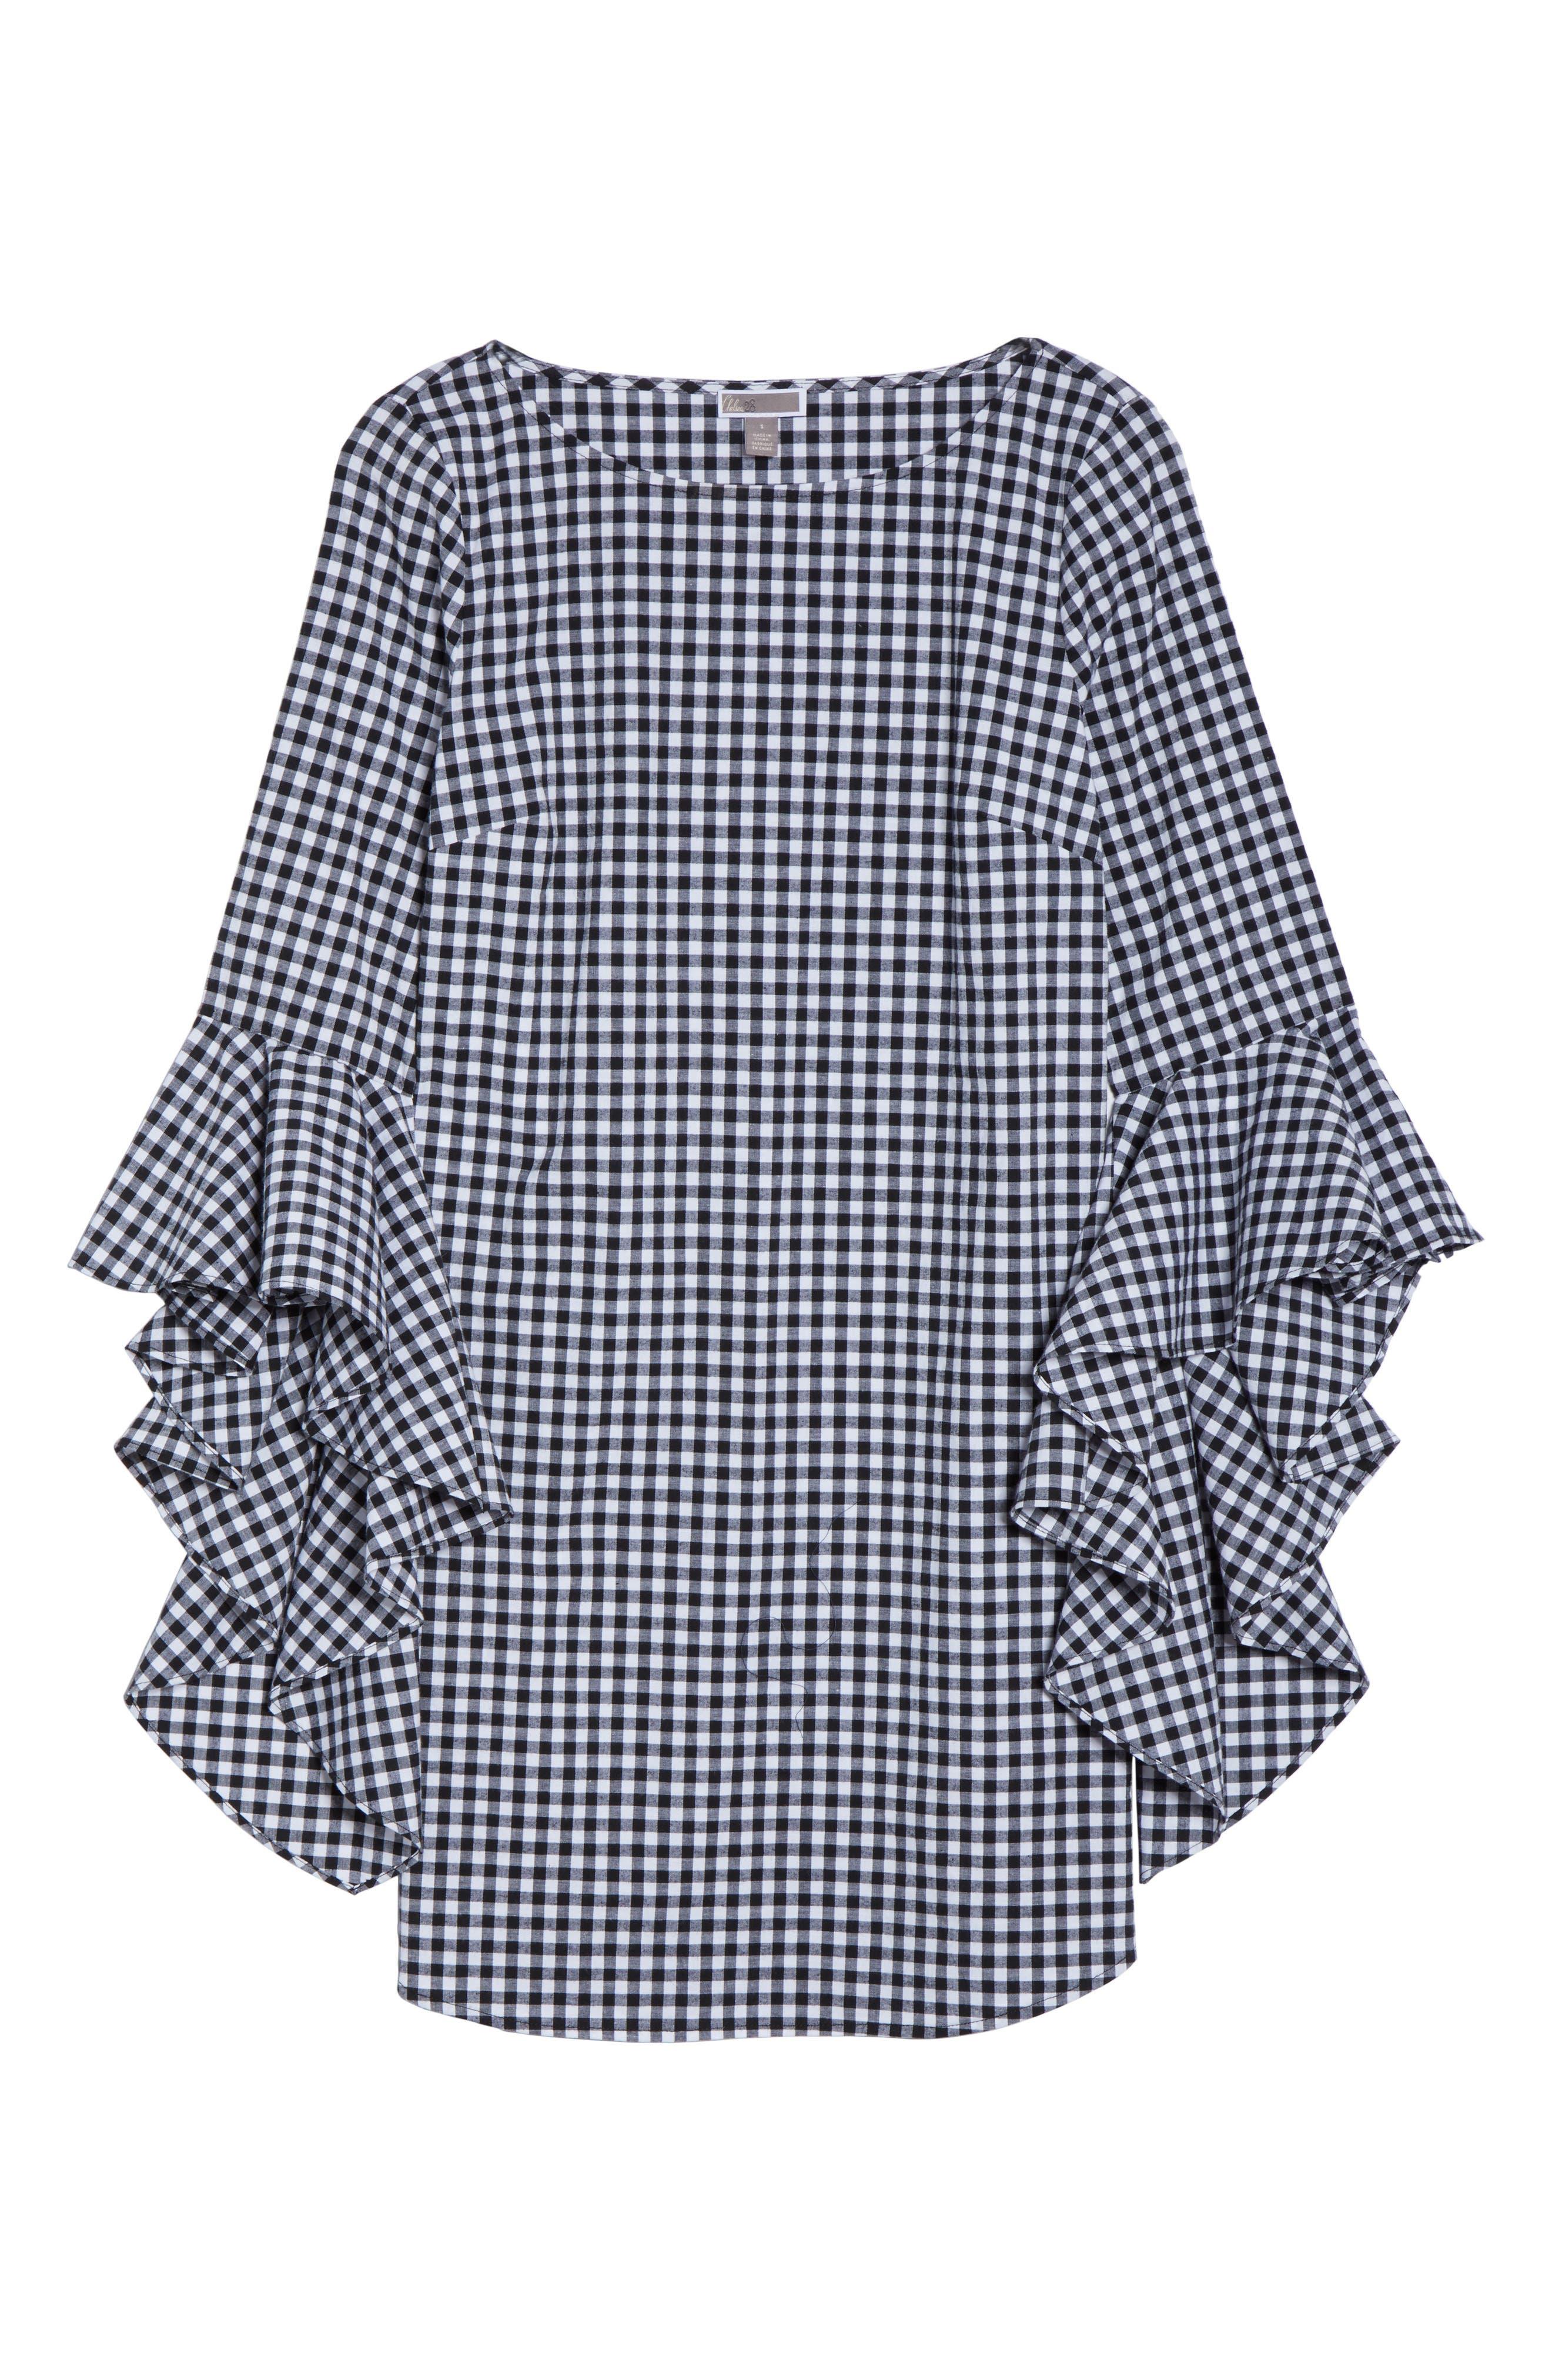 Ruffle Sleeve Gingham Shift Dress,                             Alternate thumbnail 6, color,                             Black/ White Gingham